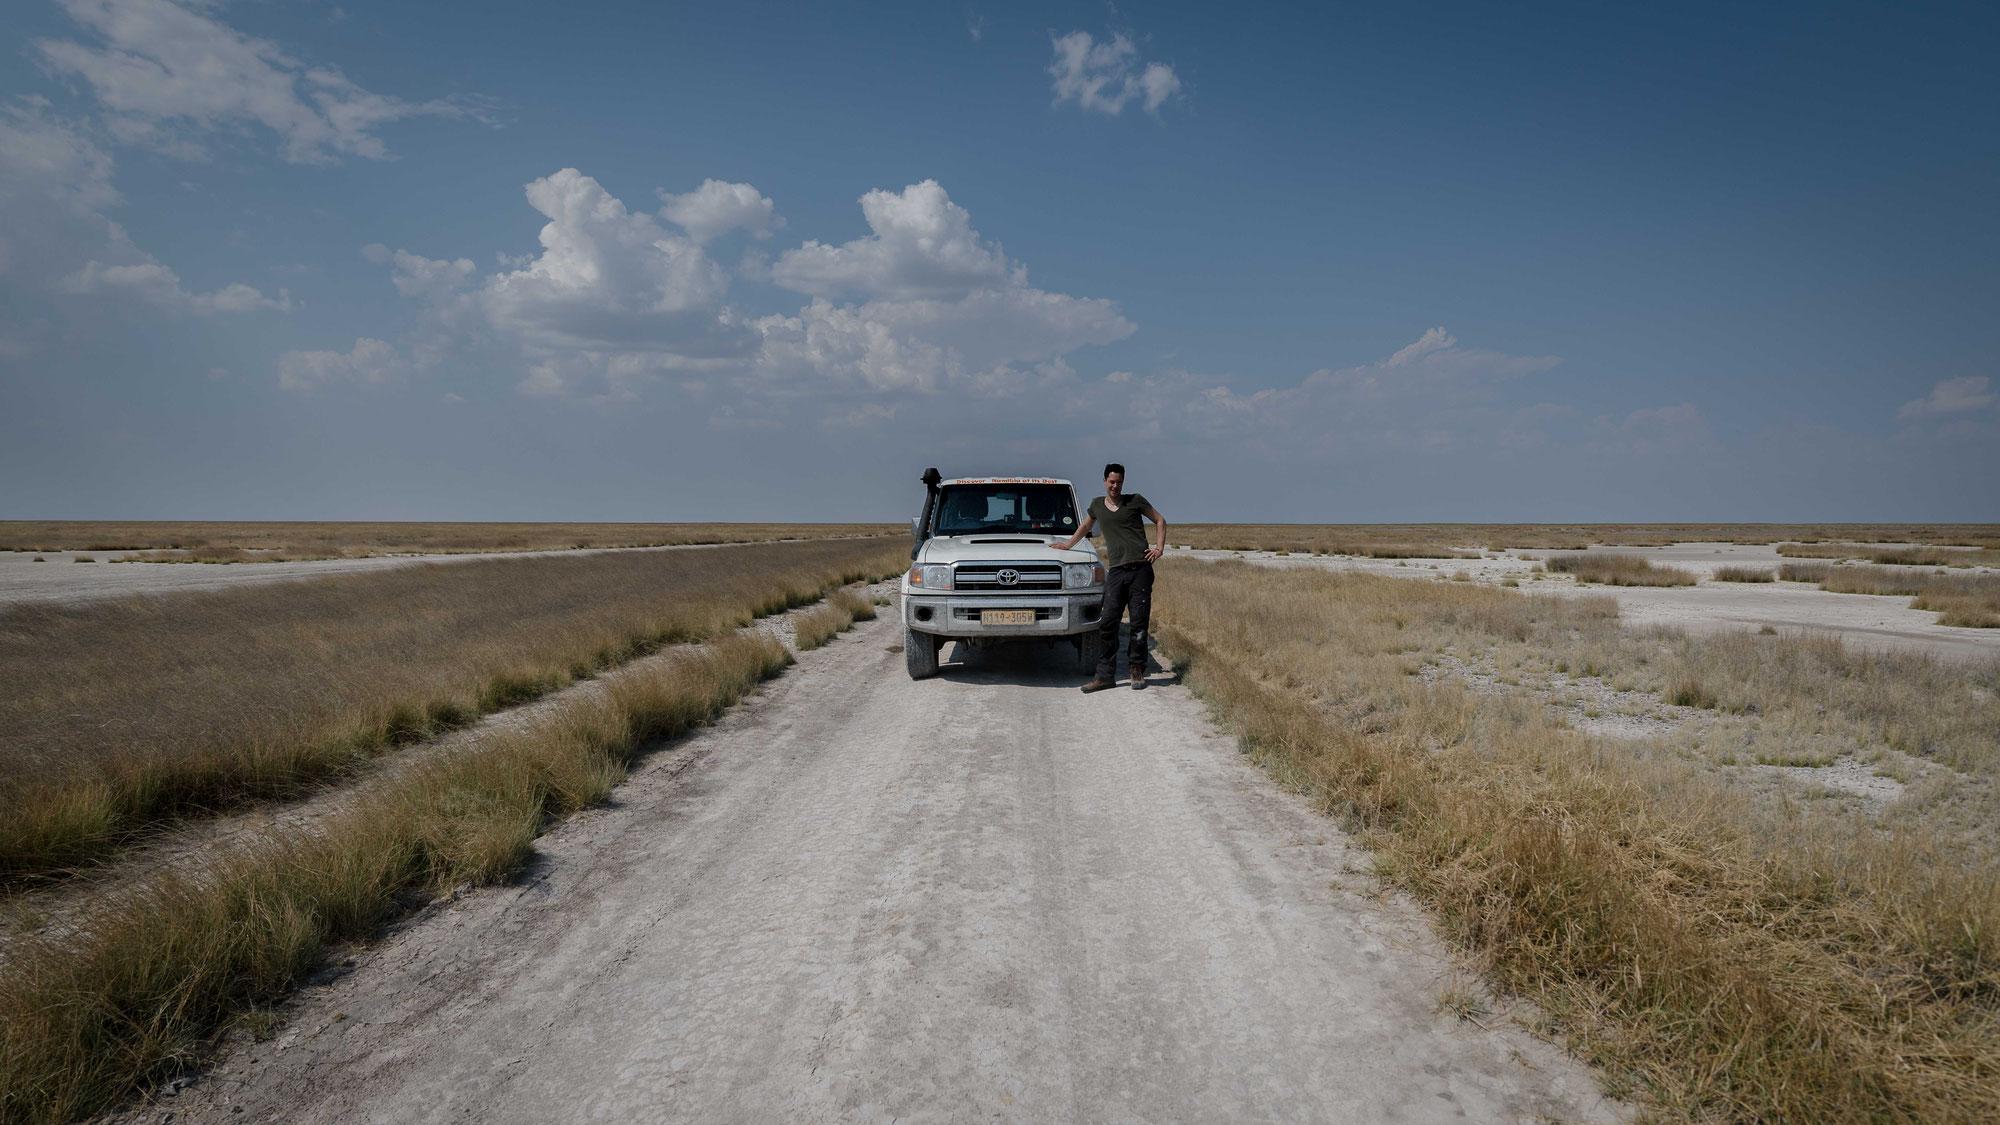 reisebericht - auf der suche nach dem tiefsand in den nationalparks von botswana - eine selbstfahrerreise auf 3.508 km - teil ii